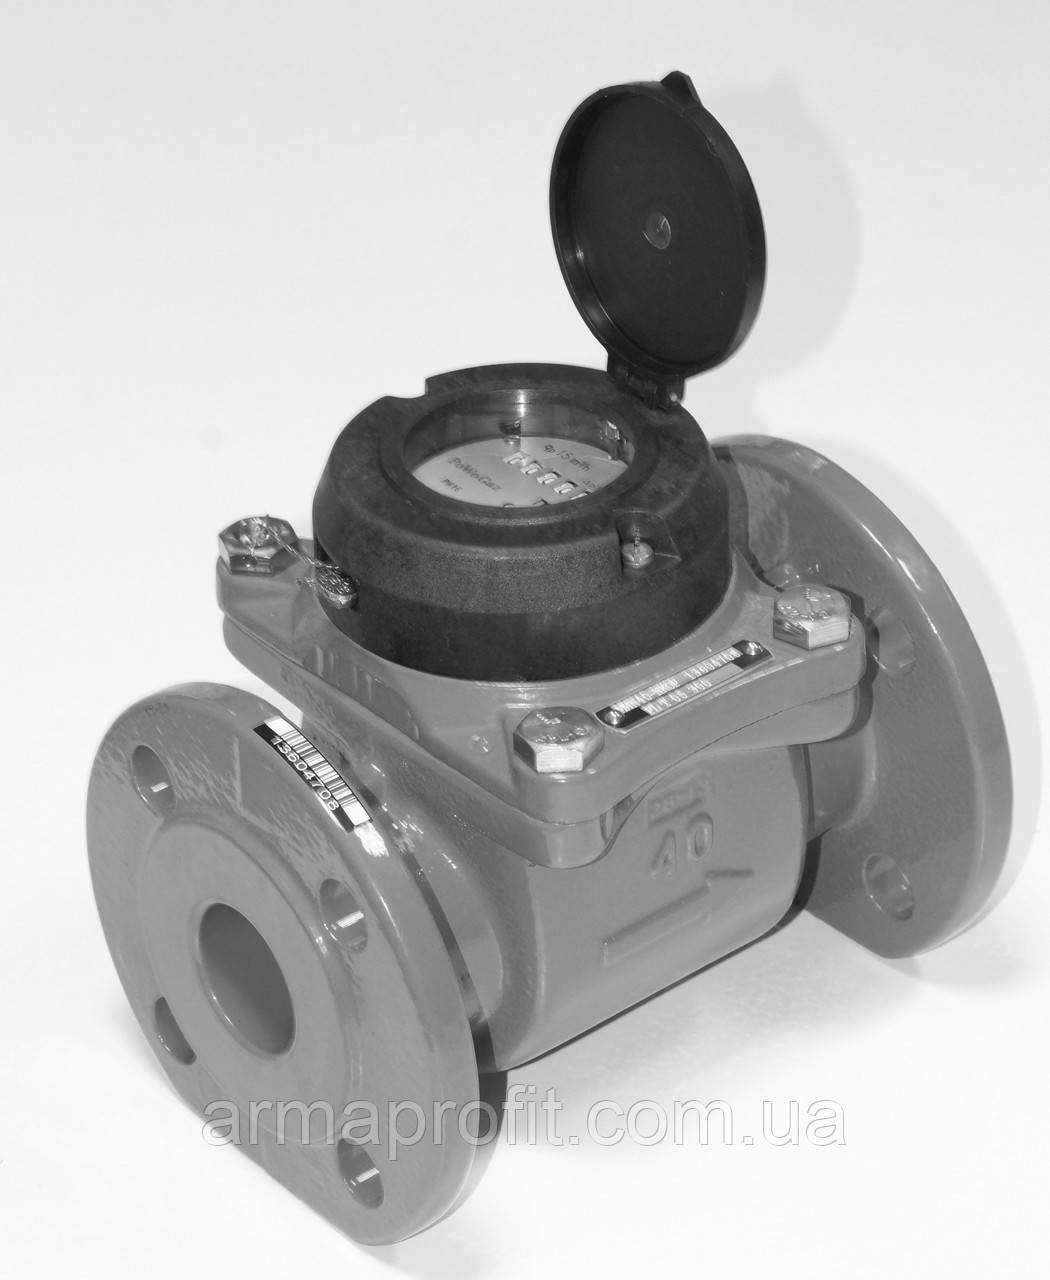 Счетчик холодной воды турбинный фланцевый Ду80 Powogaz MWN-50-80